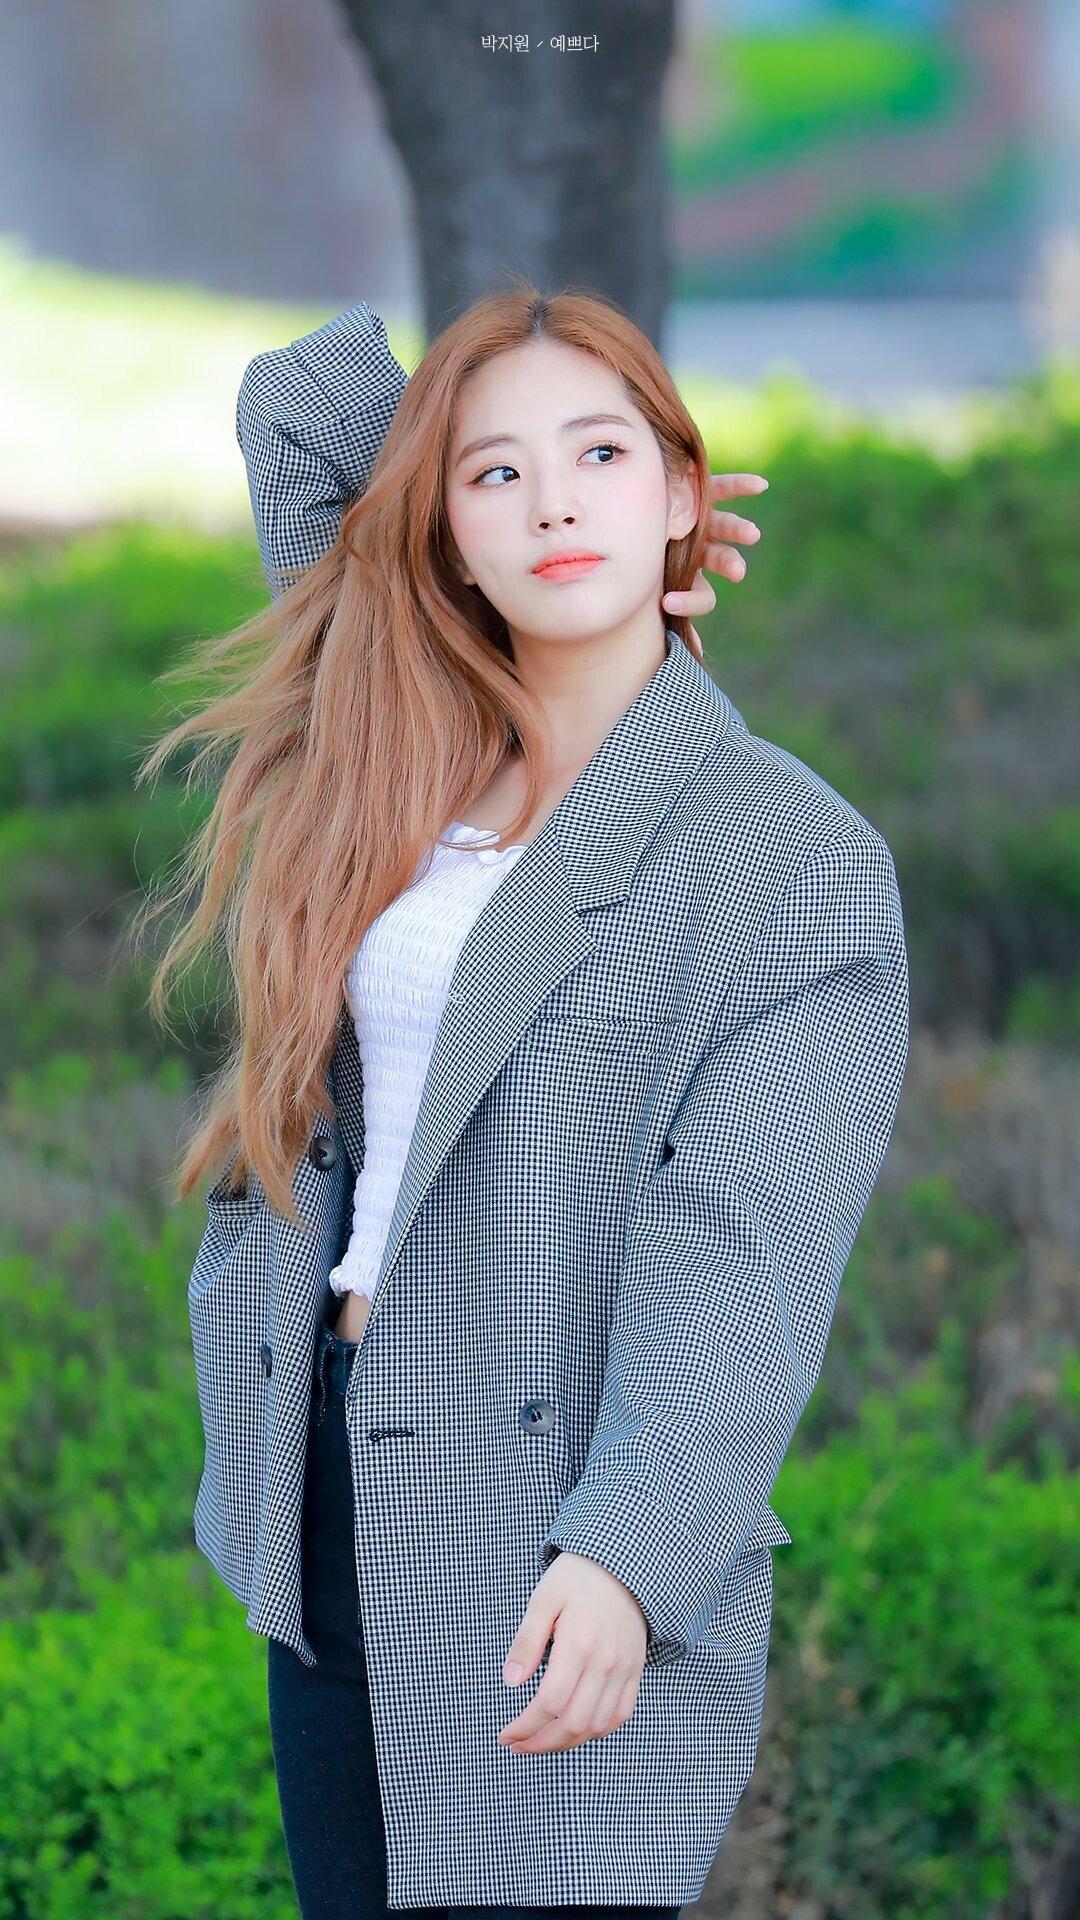 박지원 이채영 - 걸그룹 갤러리 - 에펨코리아